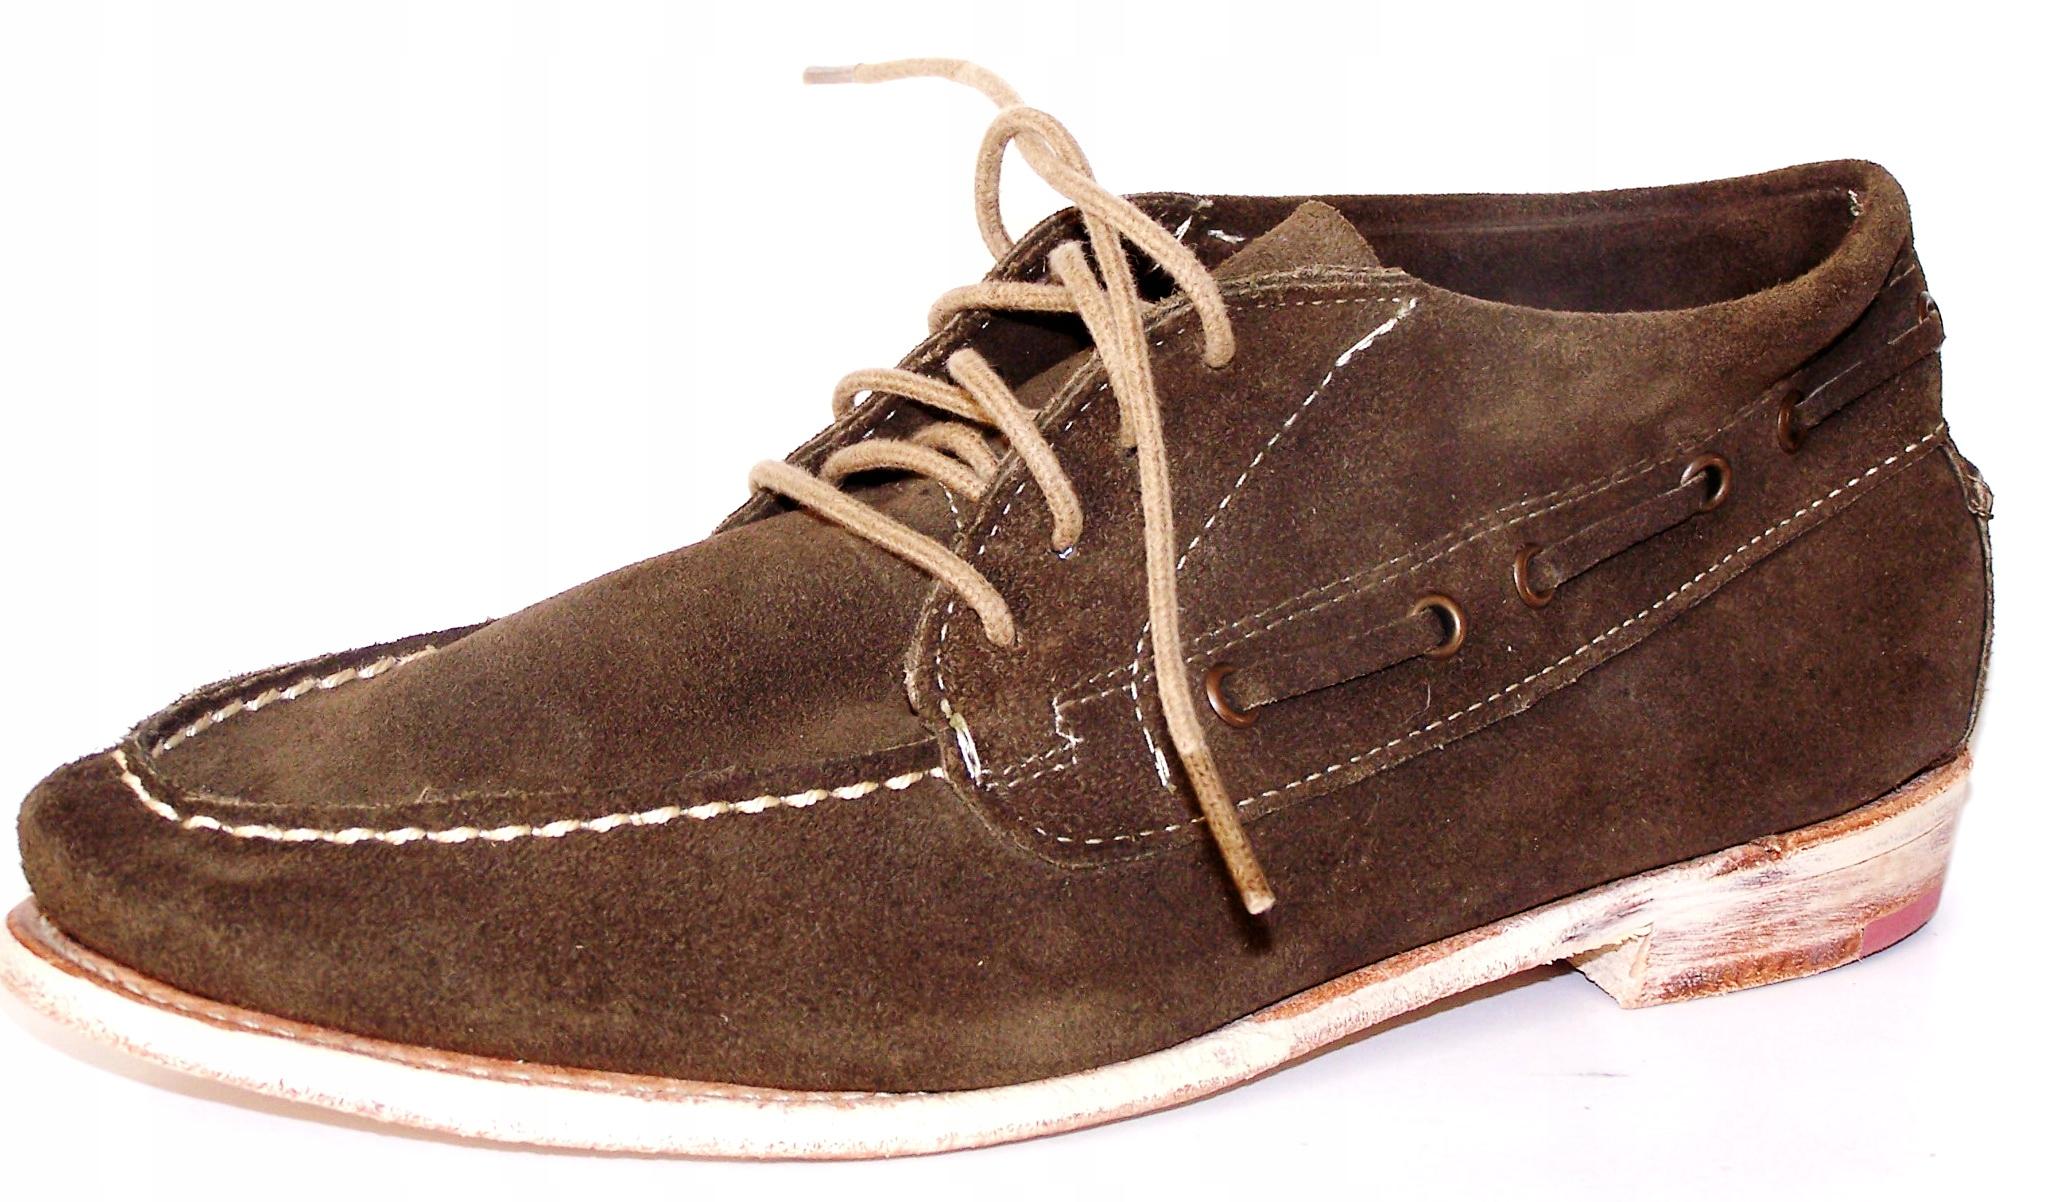 VINTAGE TOPÁNKY SPOLOČNOSTI kožené moccasin topánky hrúbka 39,5